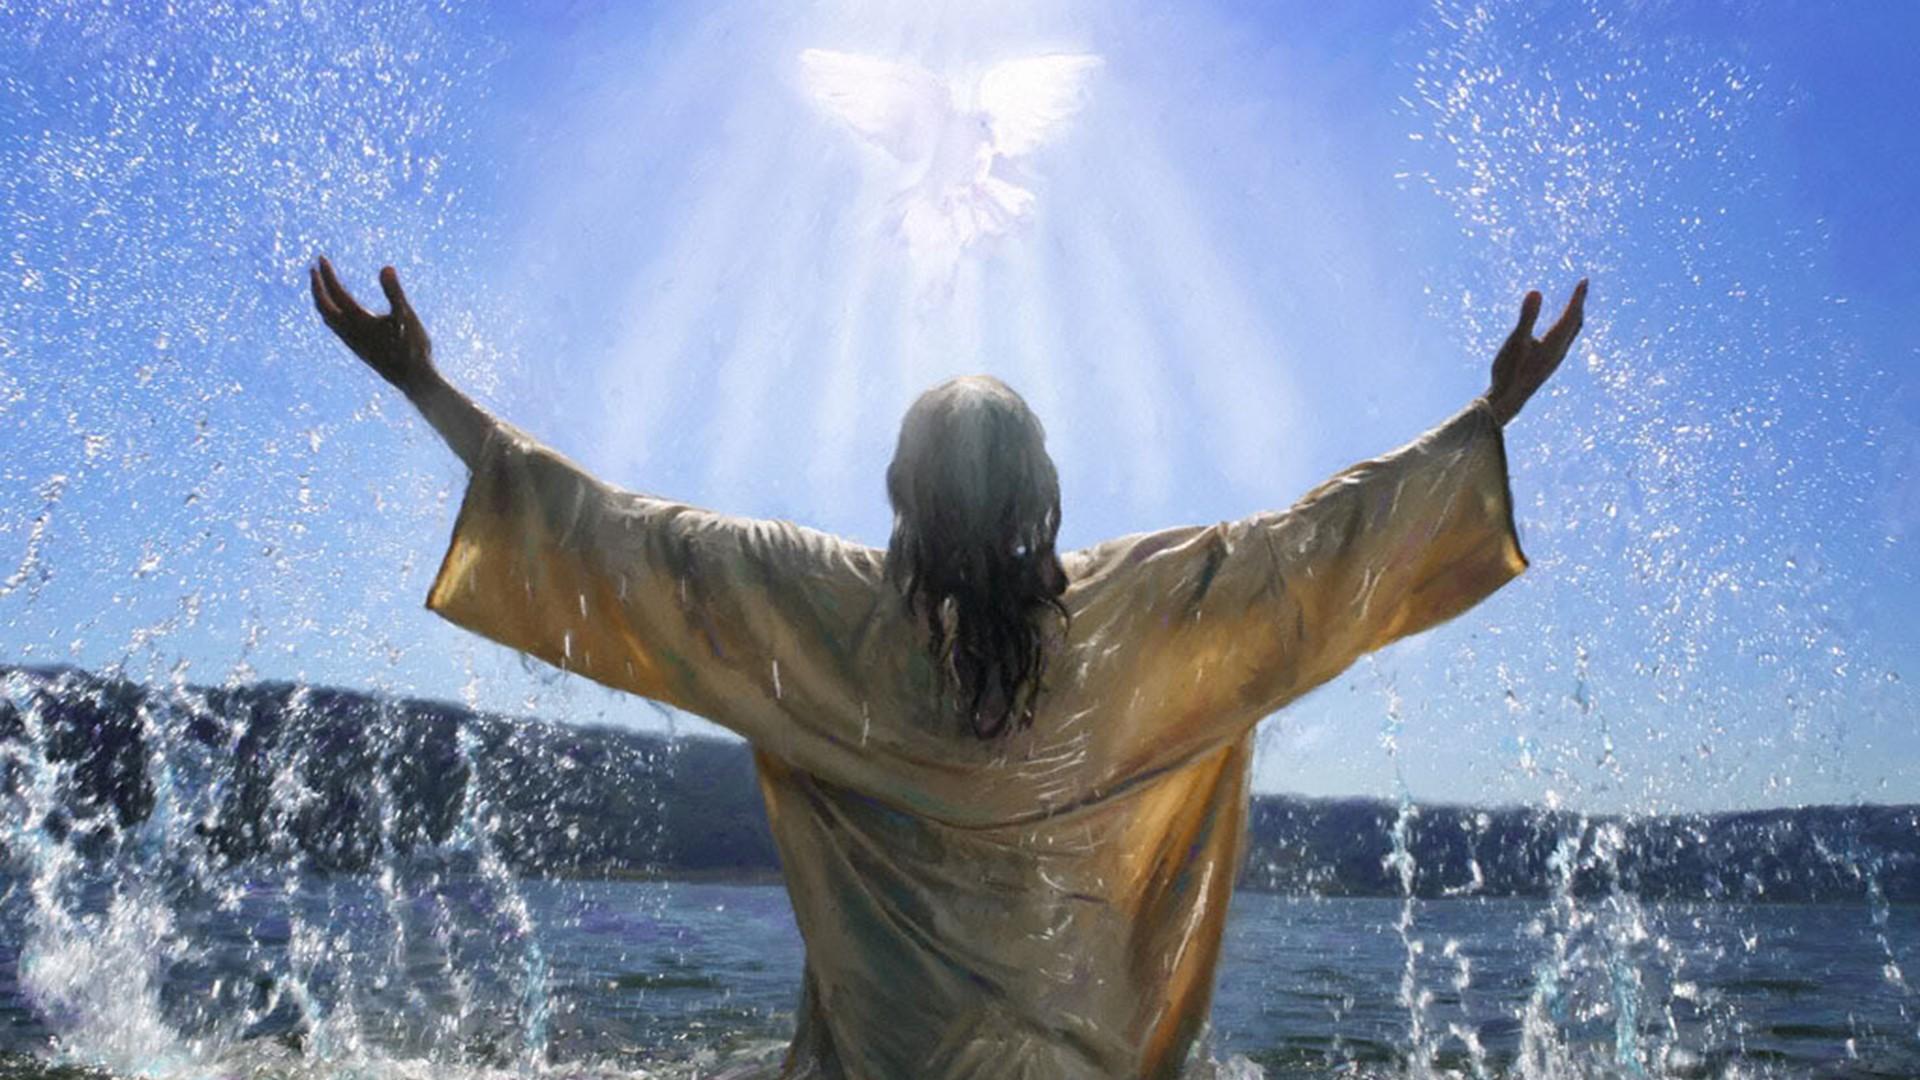 The un-sanitized Gospel